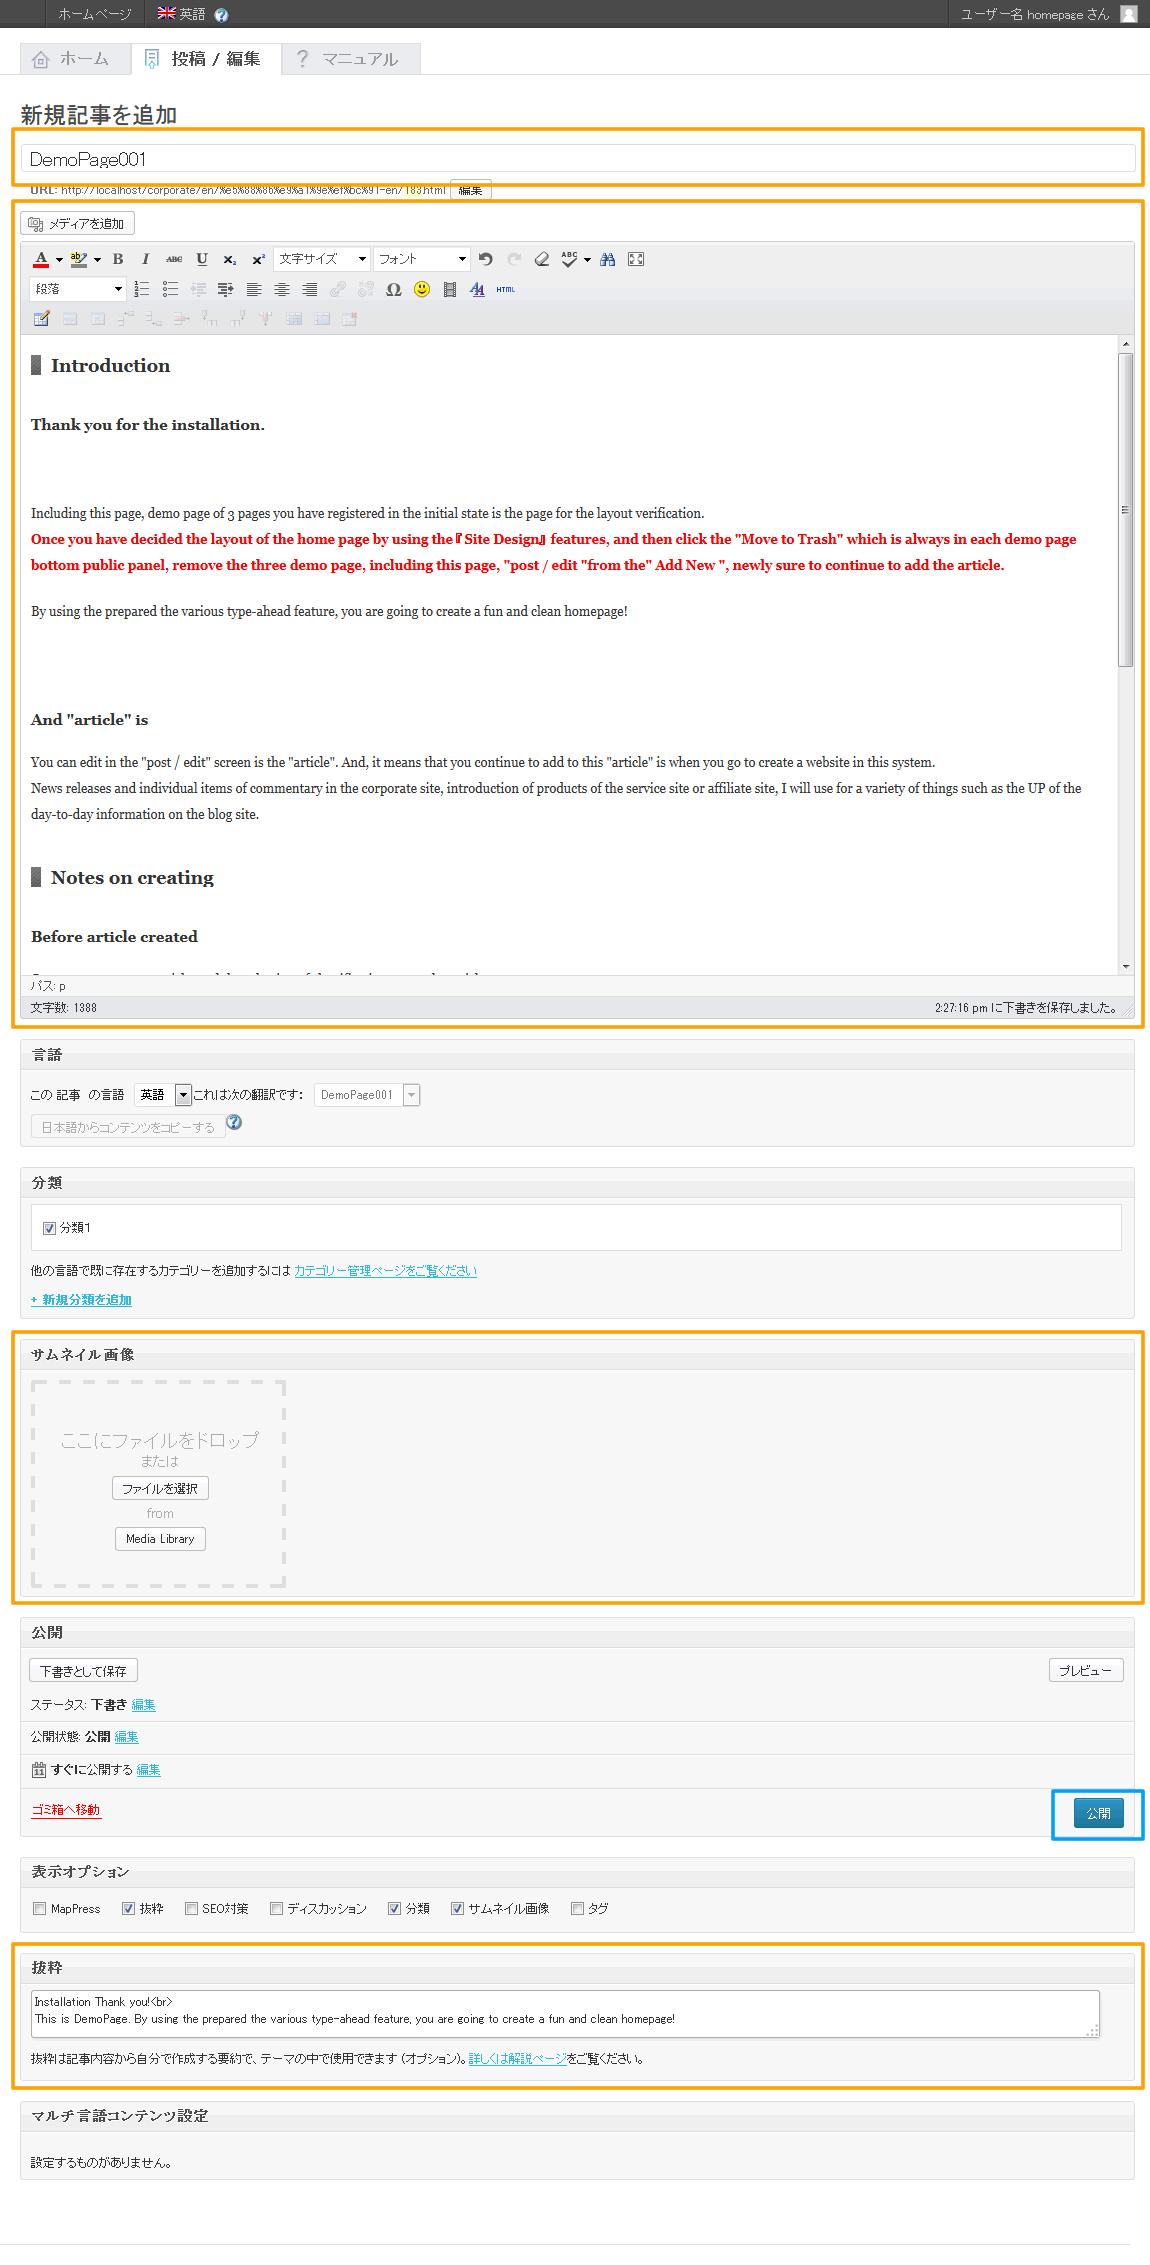 投稿/編集画面 多言語化入力 | 初期費用無料ホームページ作成サイト - FunMaker